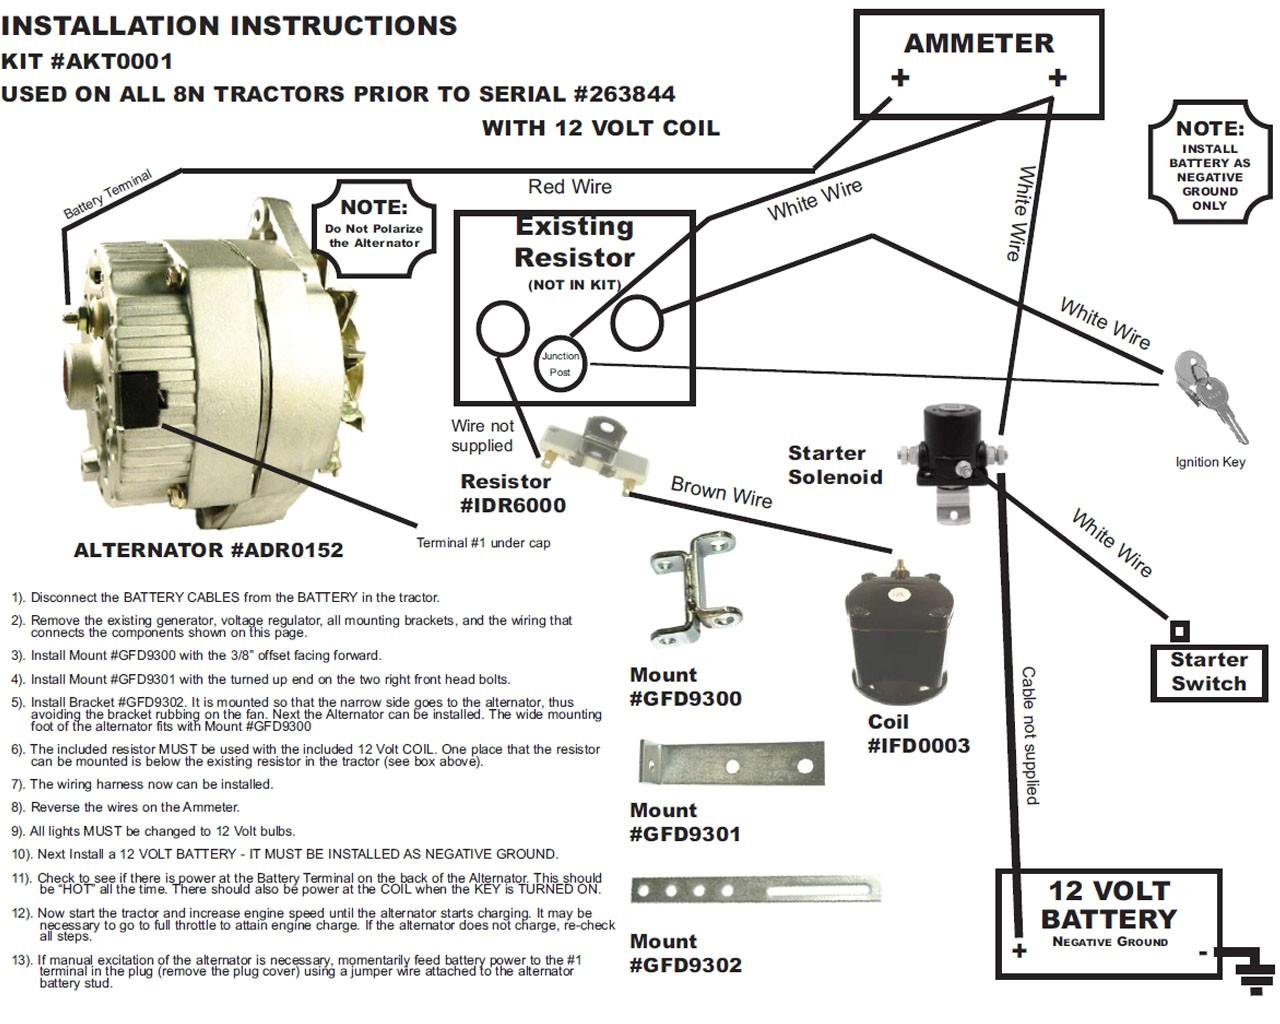 2n ford tractor wiring diagram wiring diagram 2n ford tractor wiring diagram